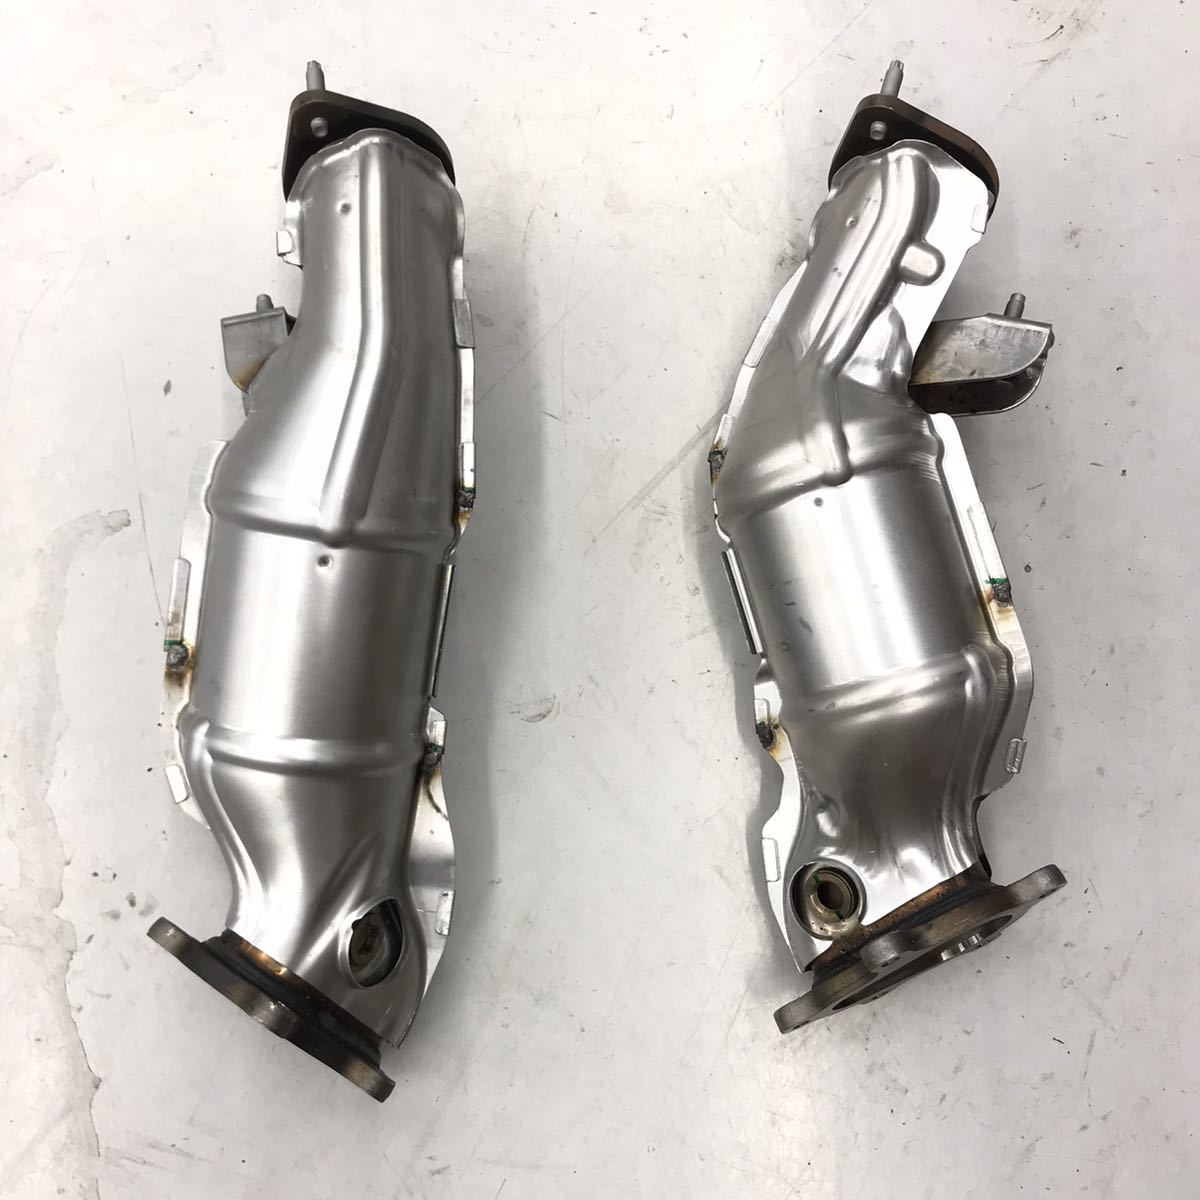 日産 R35 GT-R 触媒 VR38 MY14 新車外し 純正戻しに 素材 白金 ロジウム パラジウム マフラー フロントパイプ 棚落ちなし